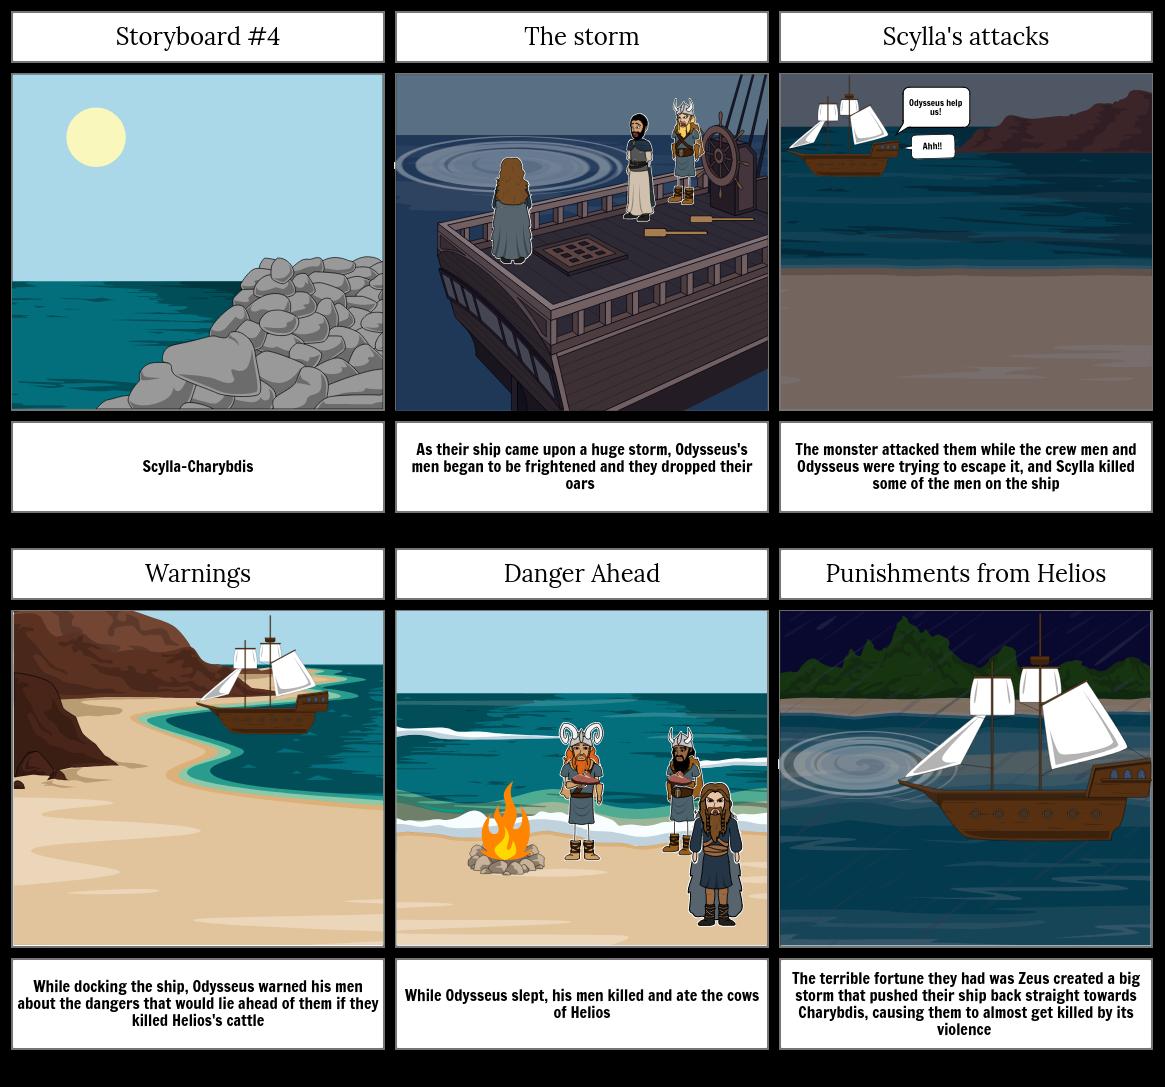 Story Board #4